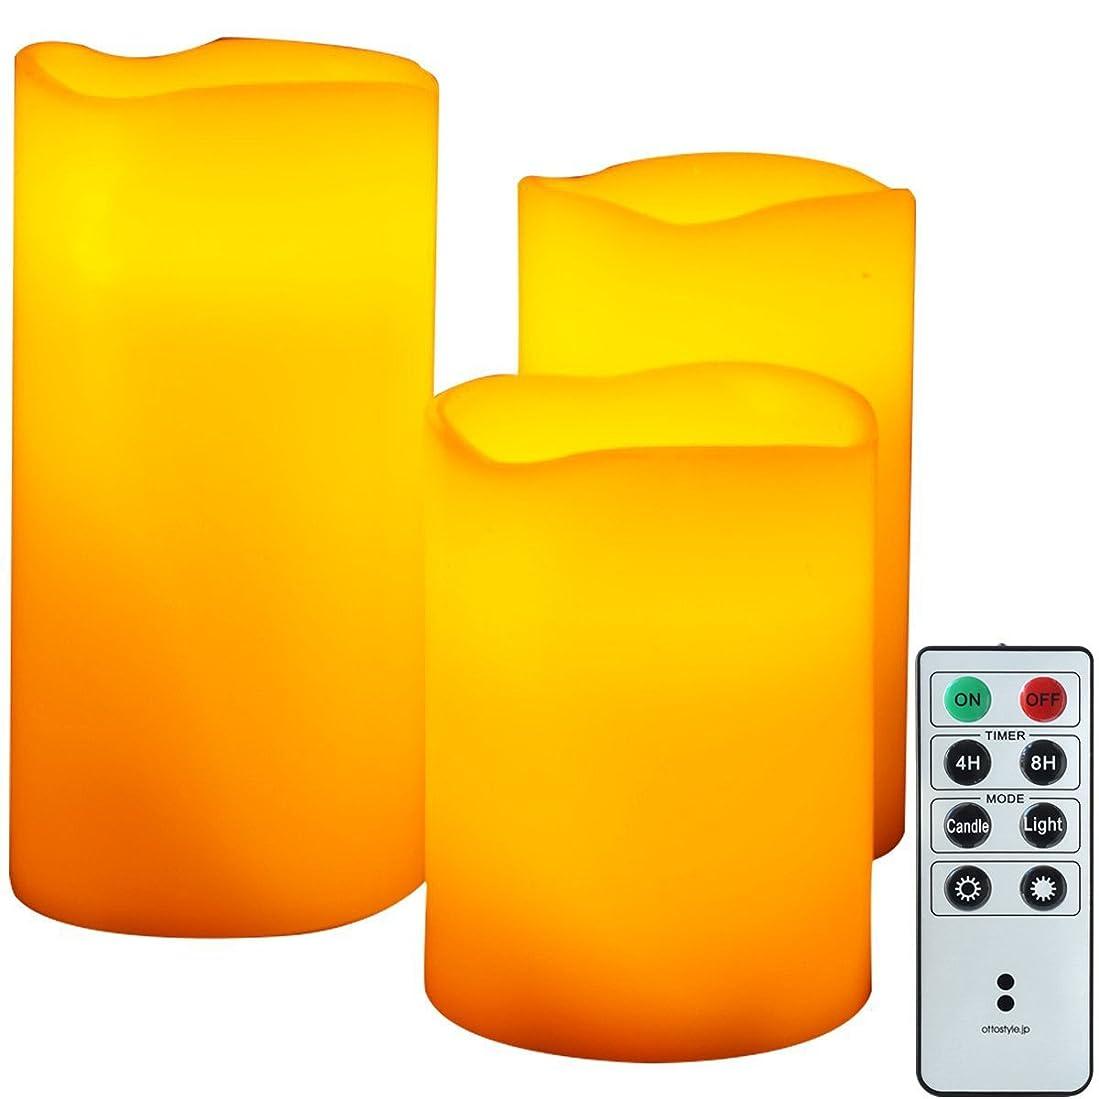 事実腐敗した行くottostyle.jp 蝋製 LEDキャンドルライト 3個セット リモコン付き リアルなろうそくの質感 ゆらゆら揺れる明かり 消灯タイマー付き (L?M?Sサイズ(各1個)リモコン付)